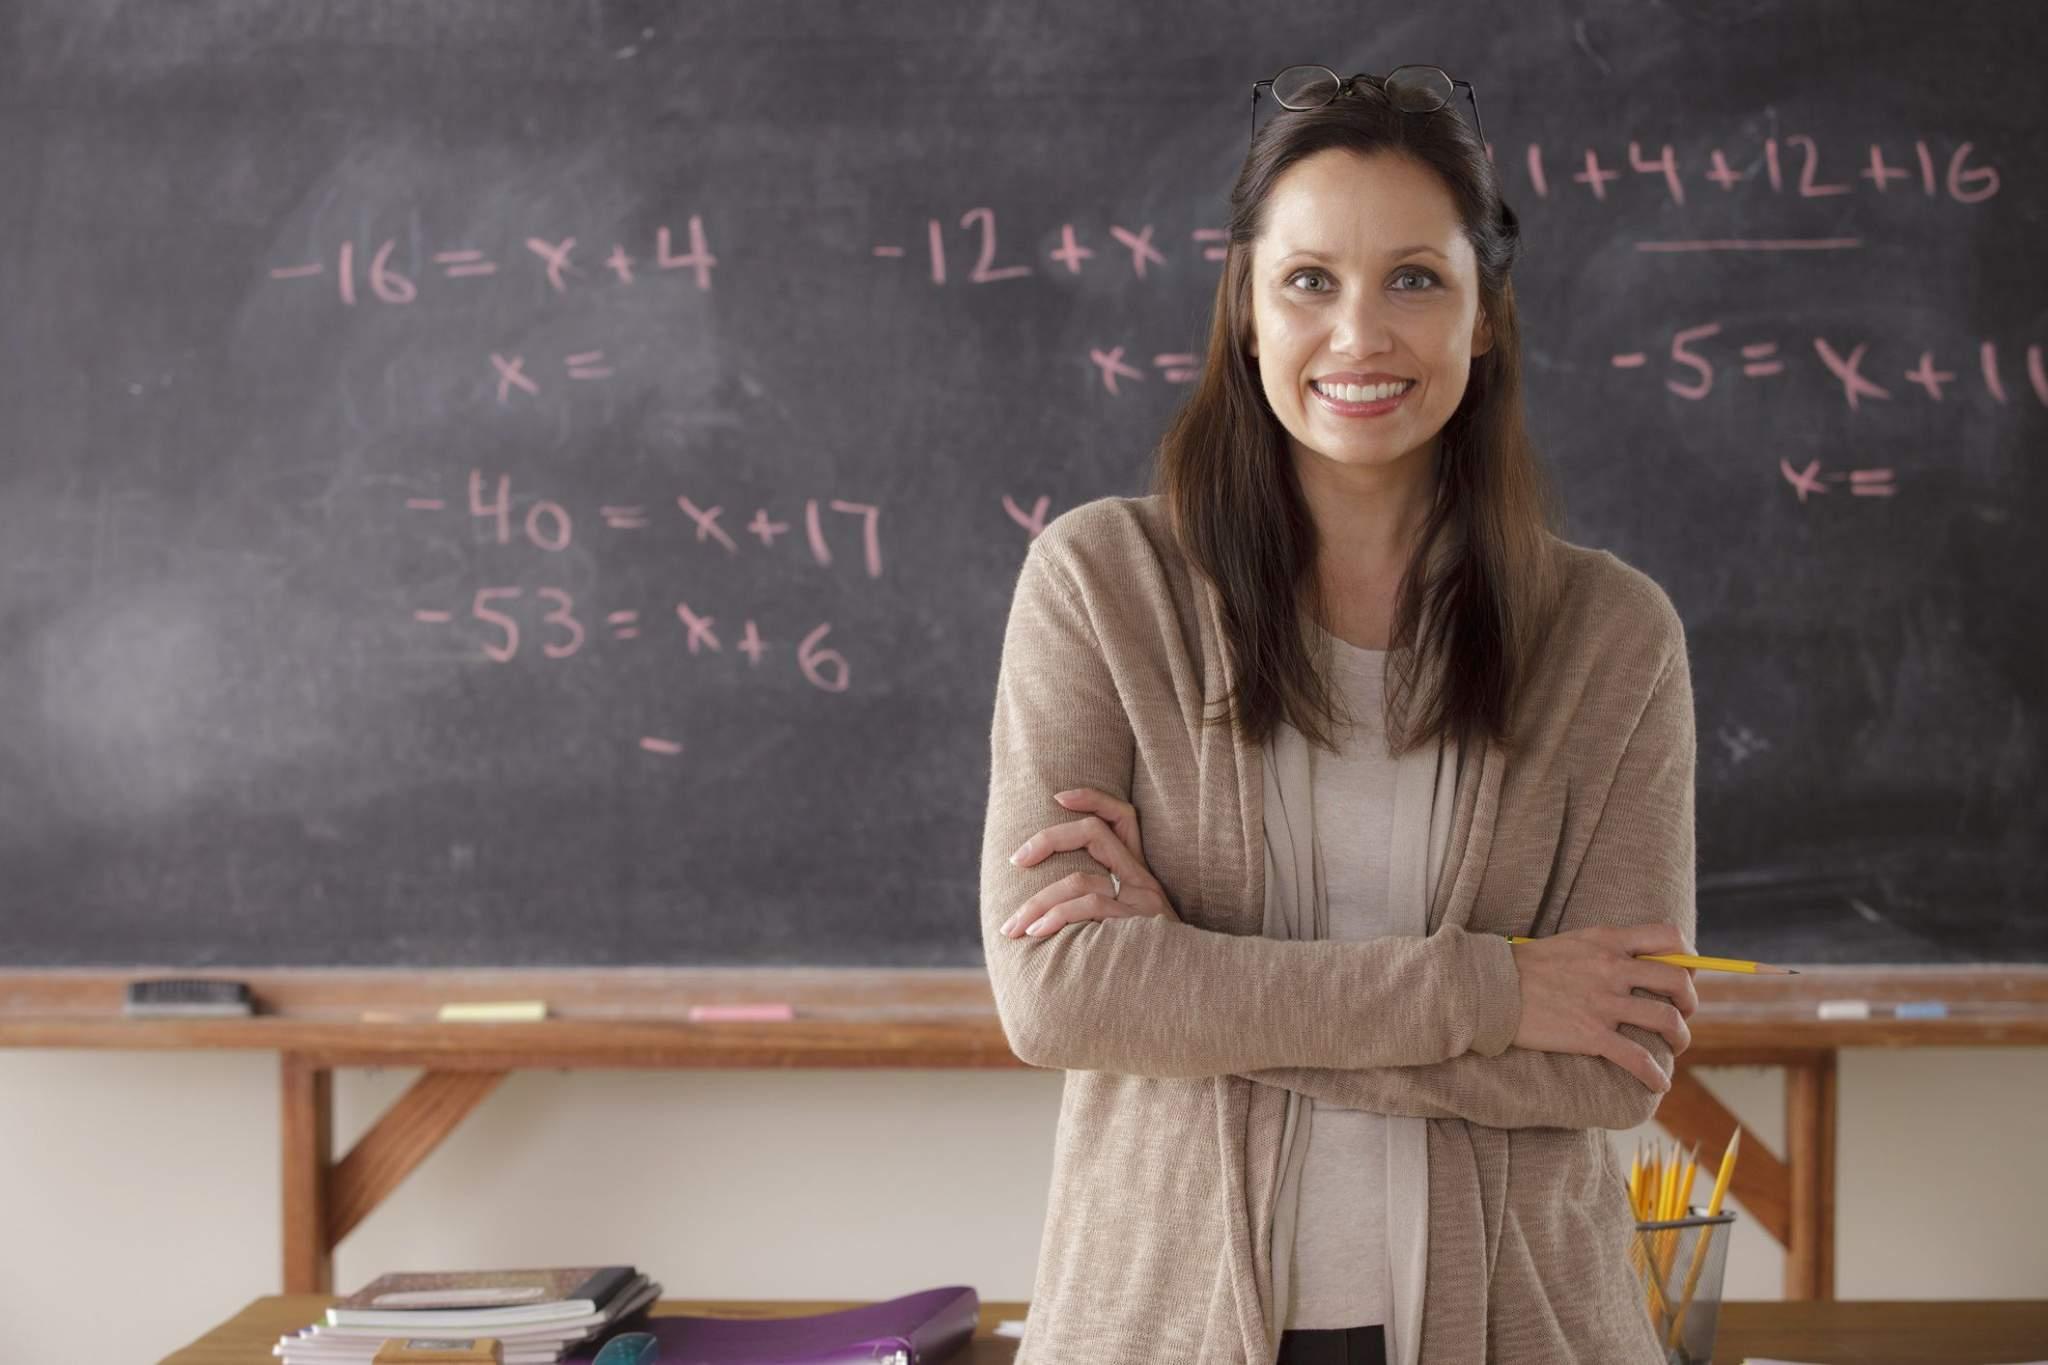 Секс с преподавателем математики, Секс учителей в кабинете математики 20 фотография